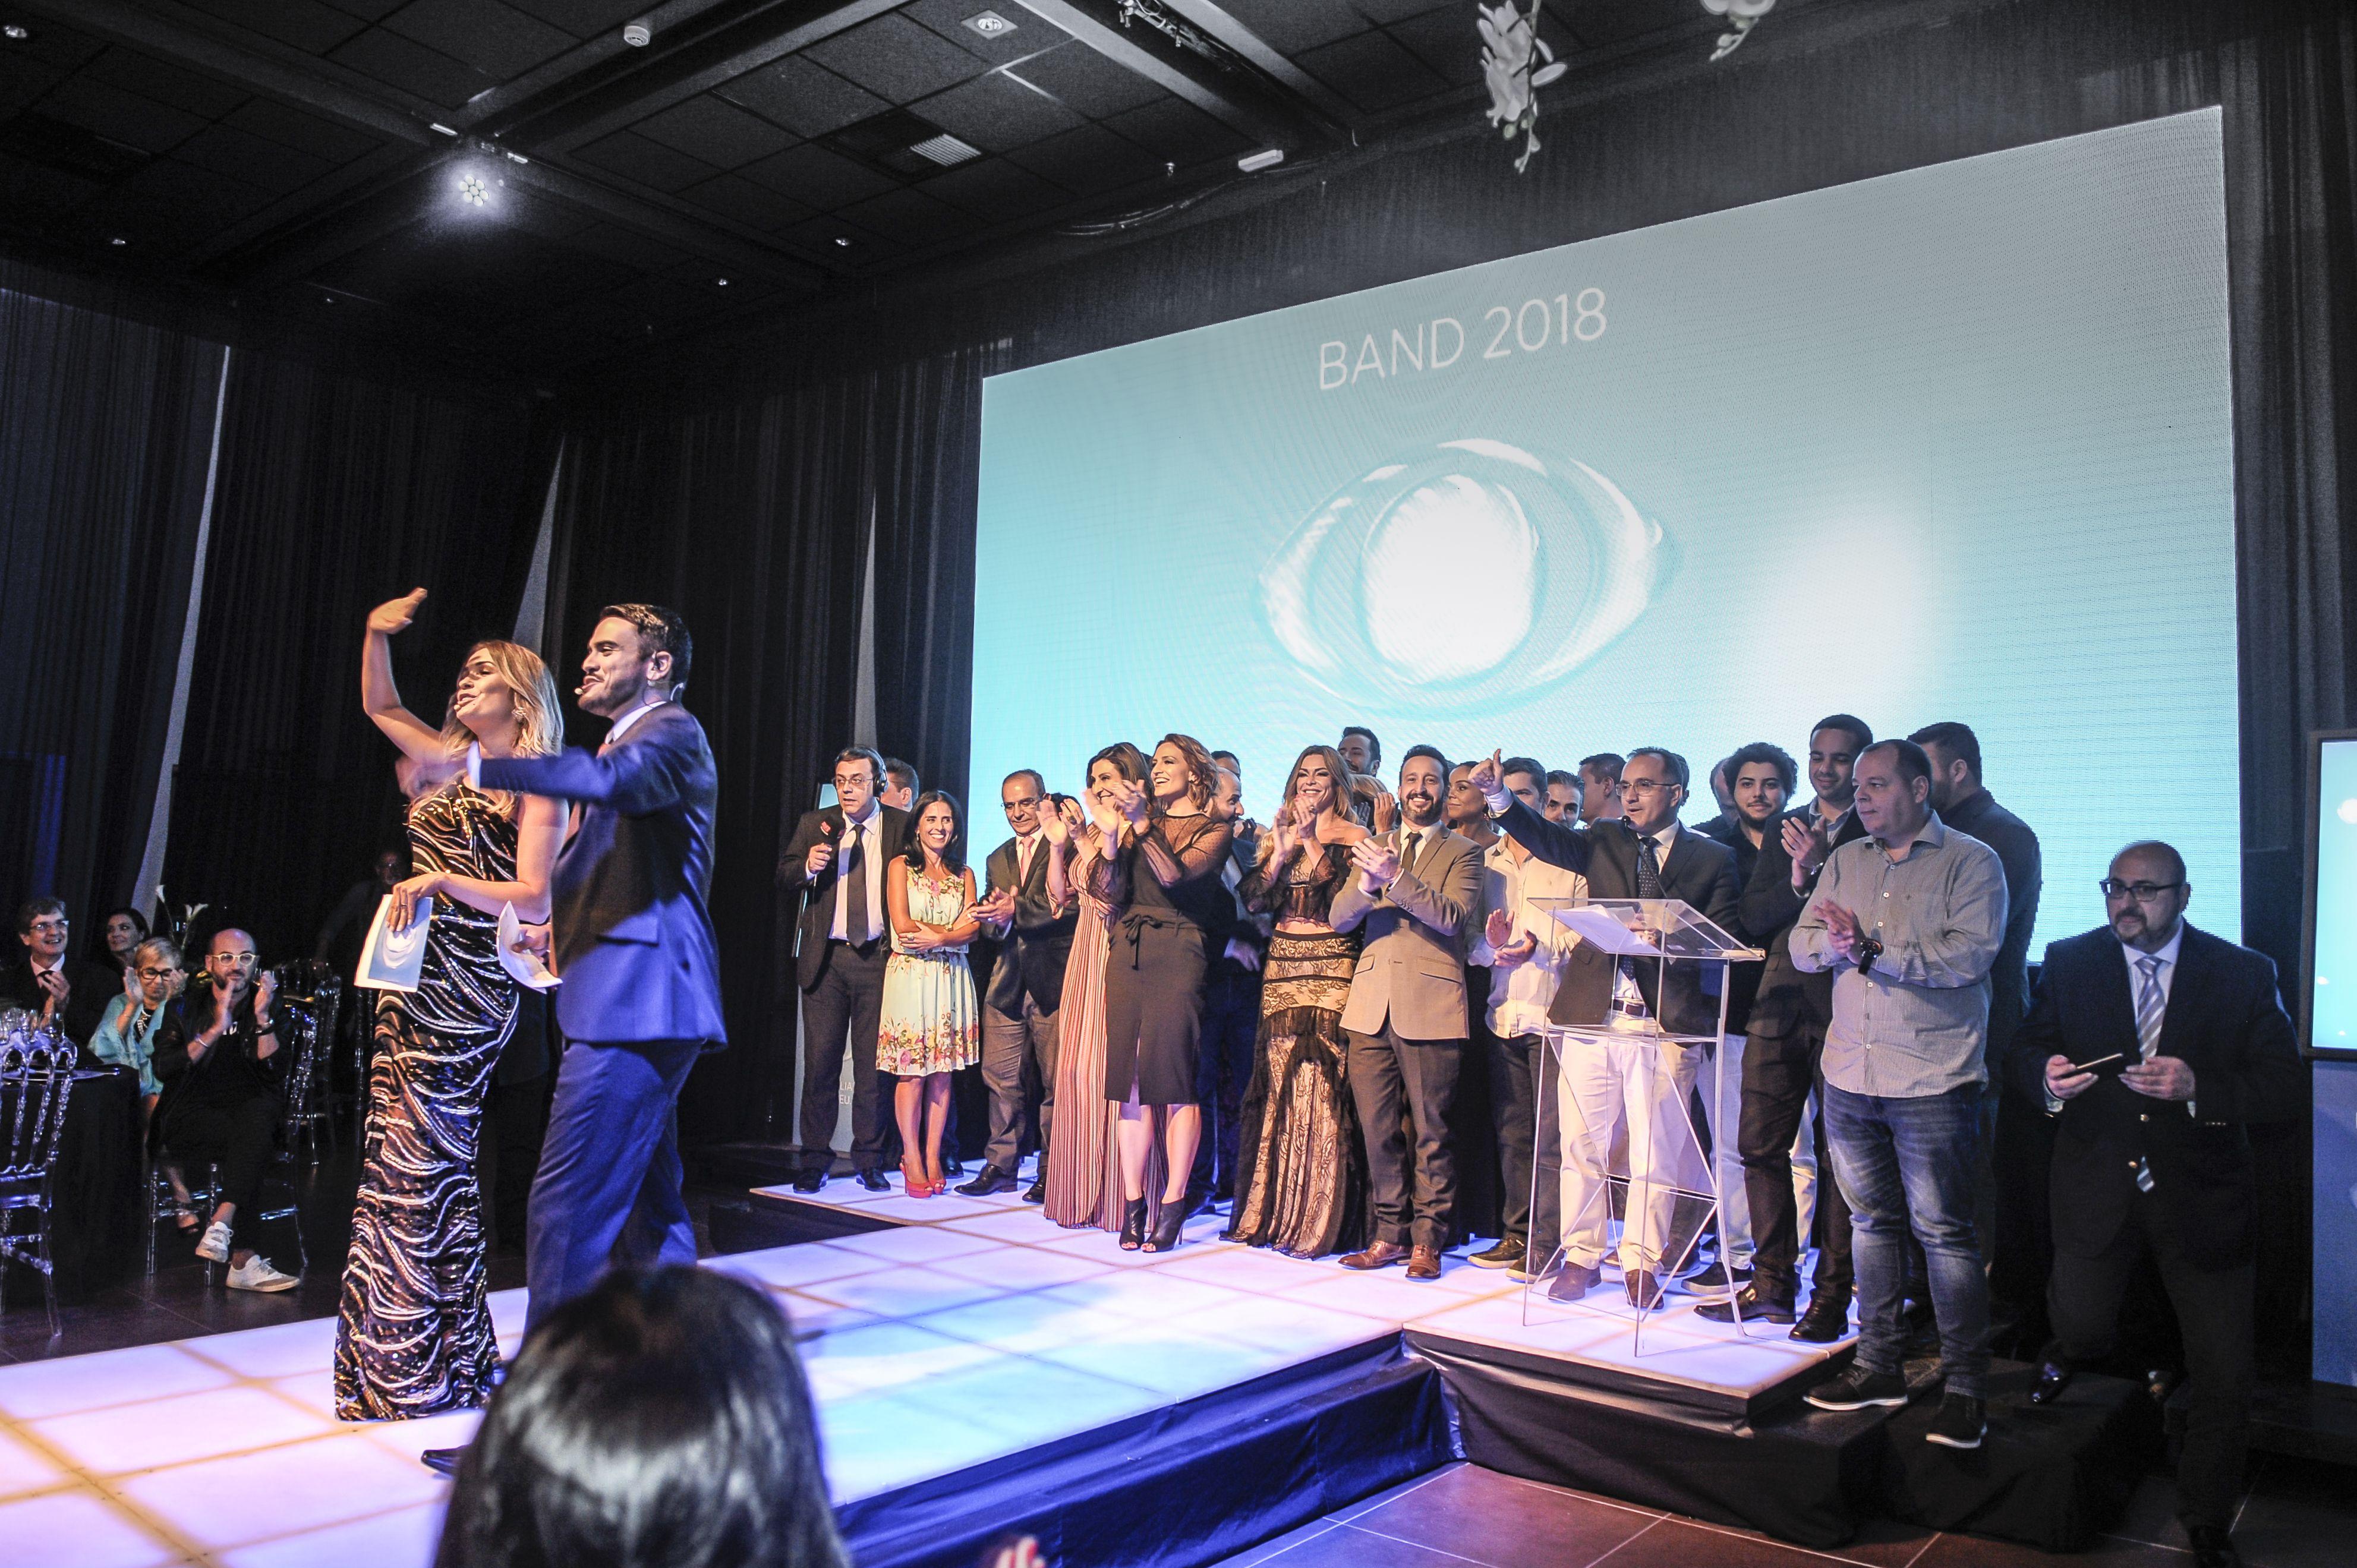 A Família Cresceu: casting da Band RS na apresentação da programação 2018 / Antares Martins